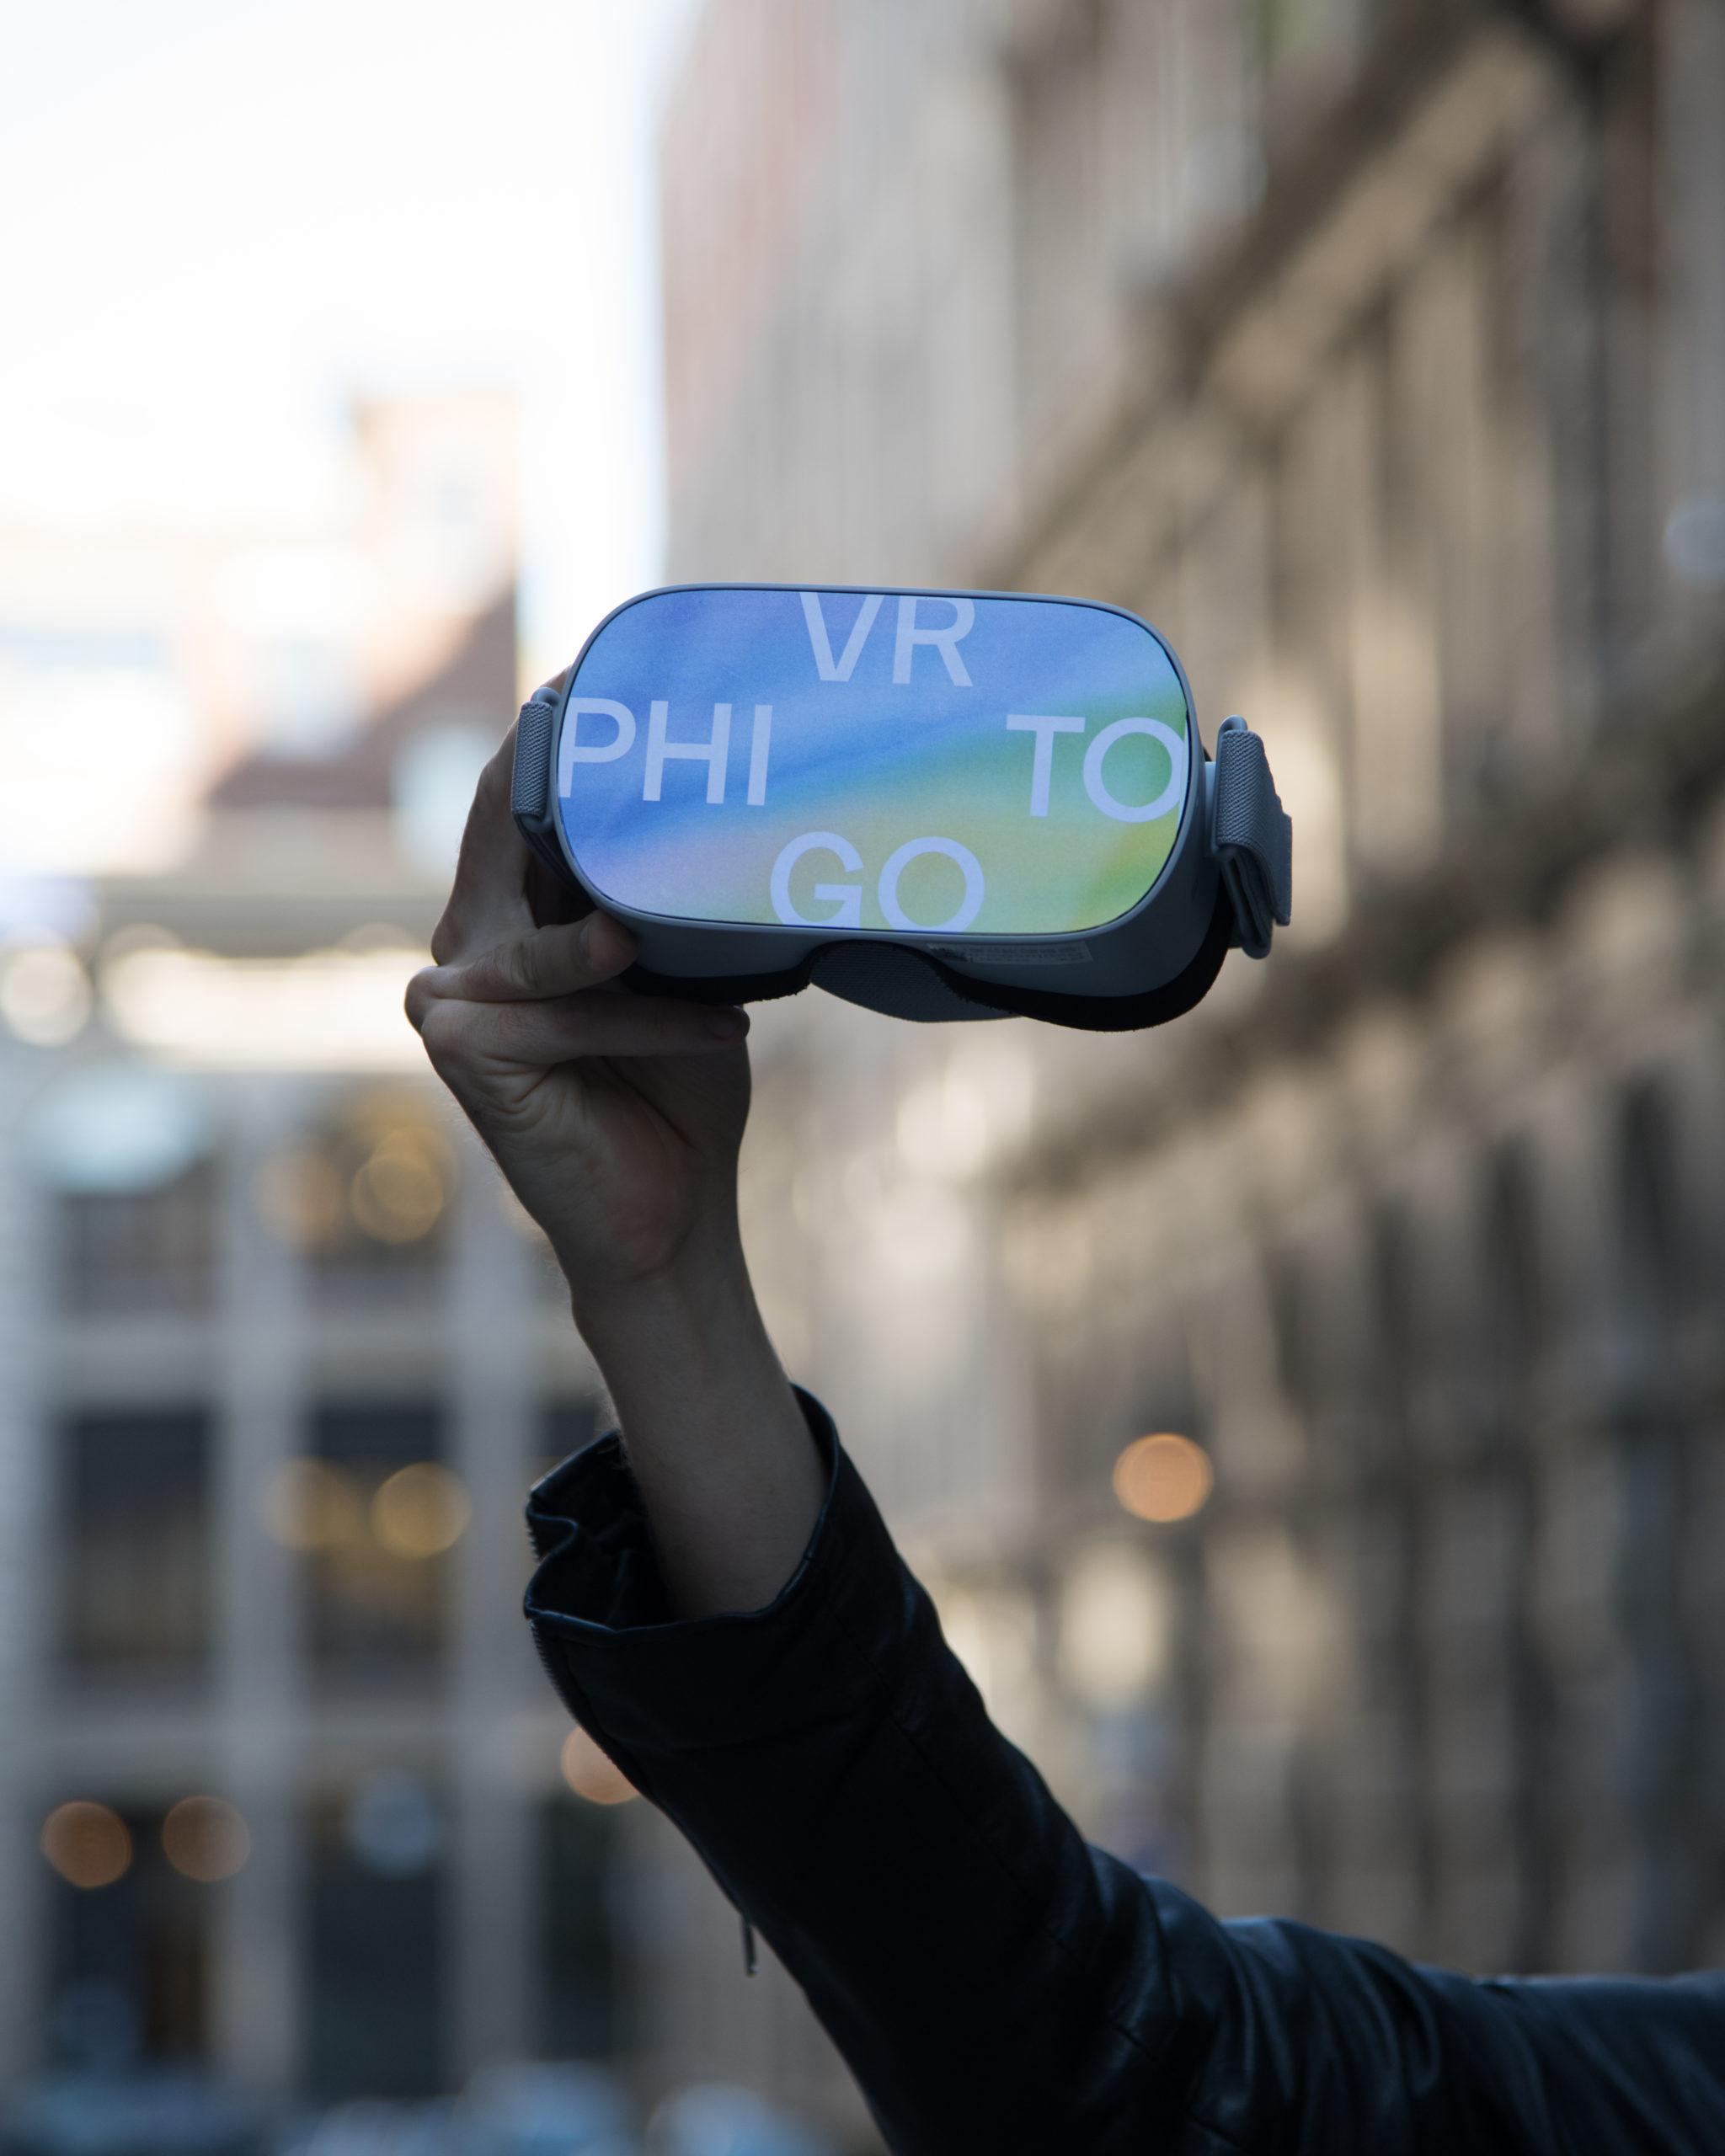 PHI Centre VR TO GO